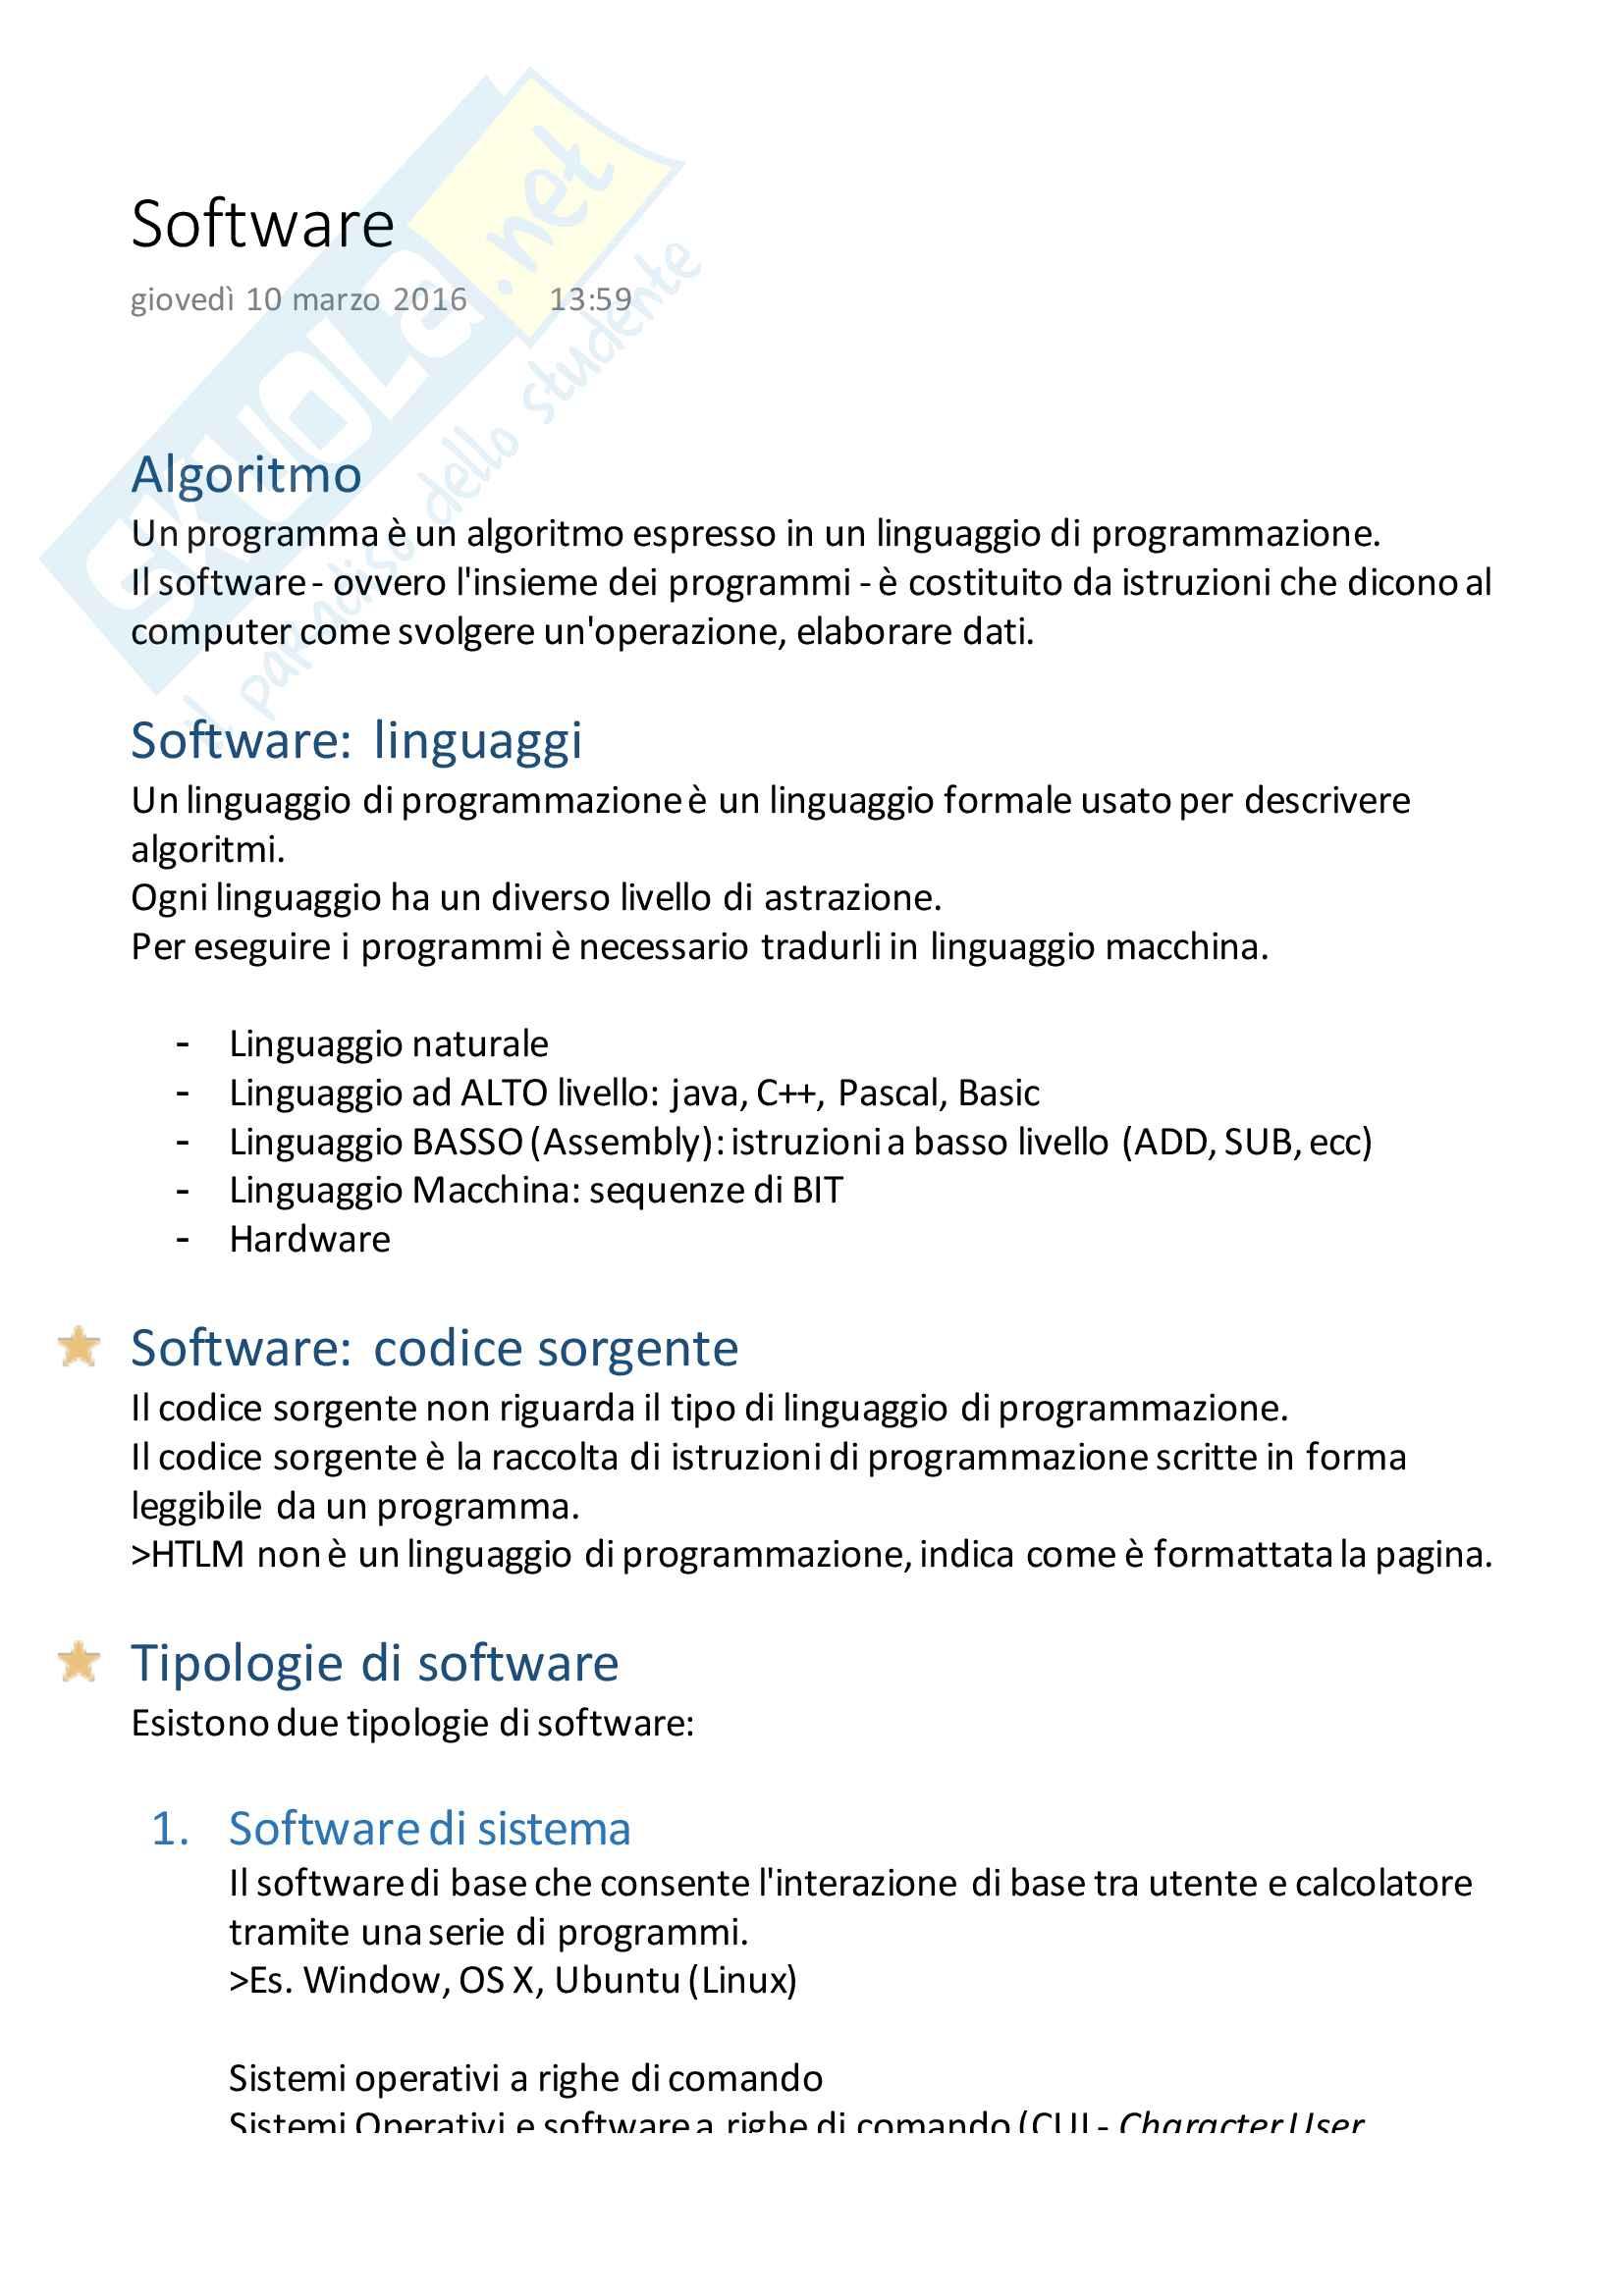 Appunti del corso ''Informatica per la Comunicazione'', Andrea Davide Cuman, 3a Lezione - Software